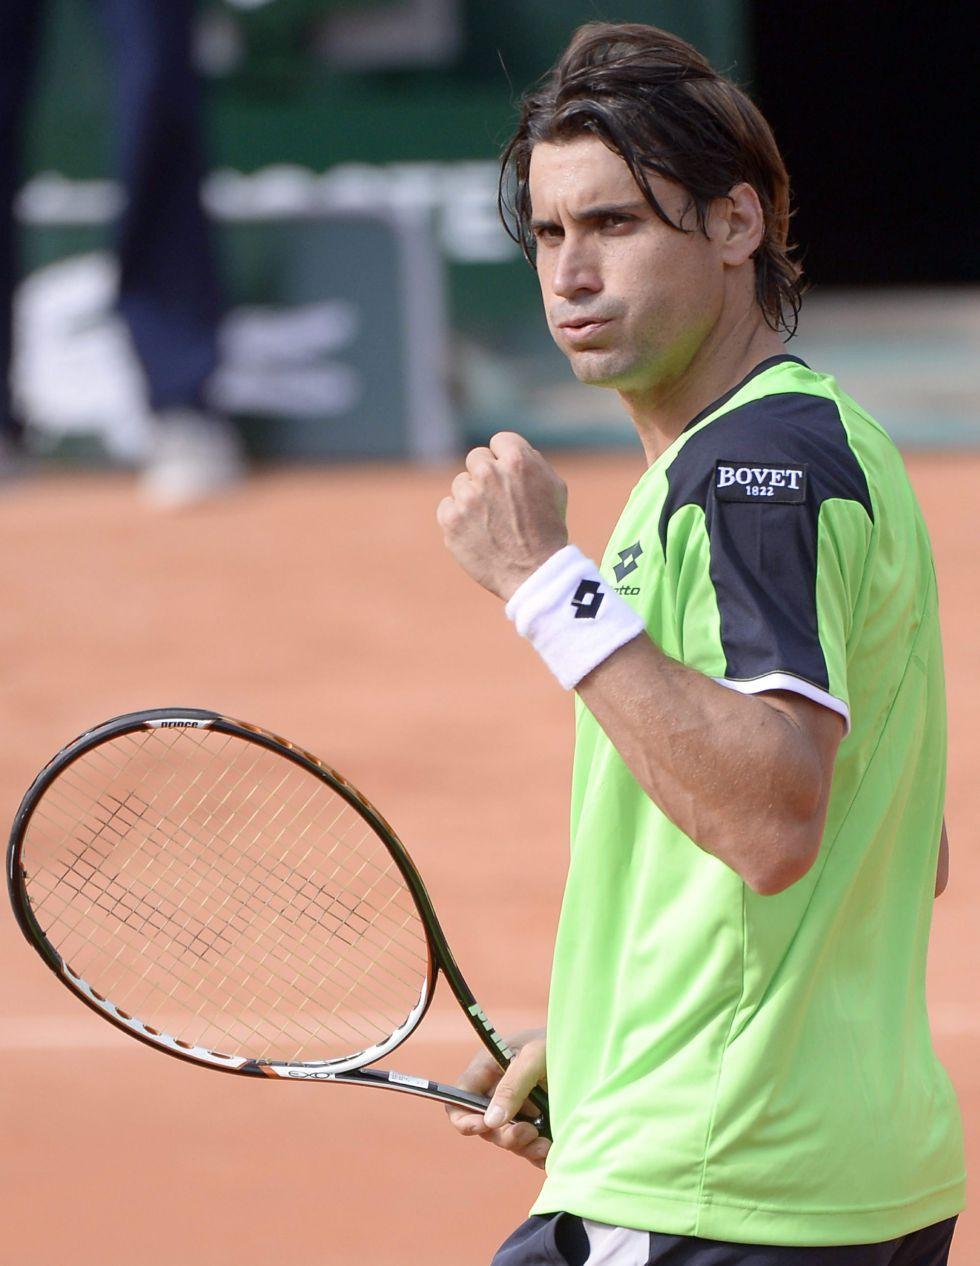 Roland Garros 2013 1369825717_704171_1369825800_noticia_grande